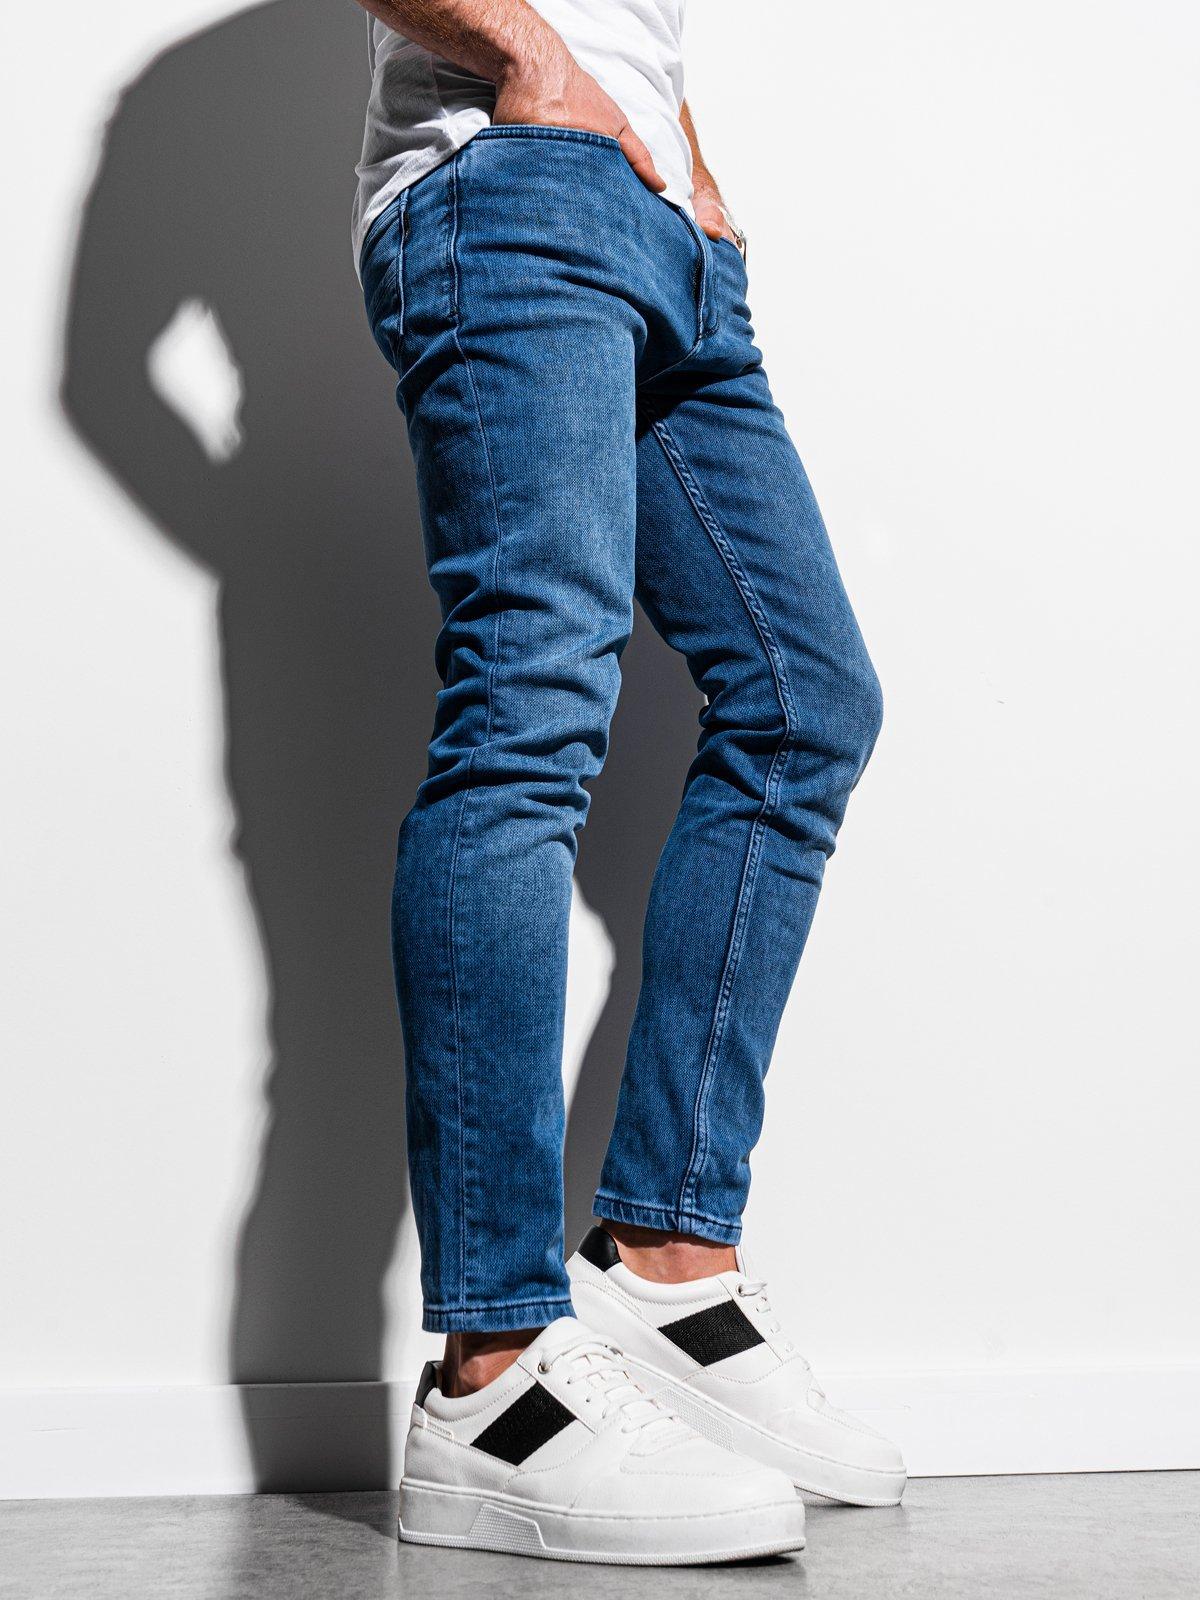 Pánské riflové kalhoty P1007 - modra